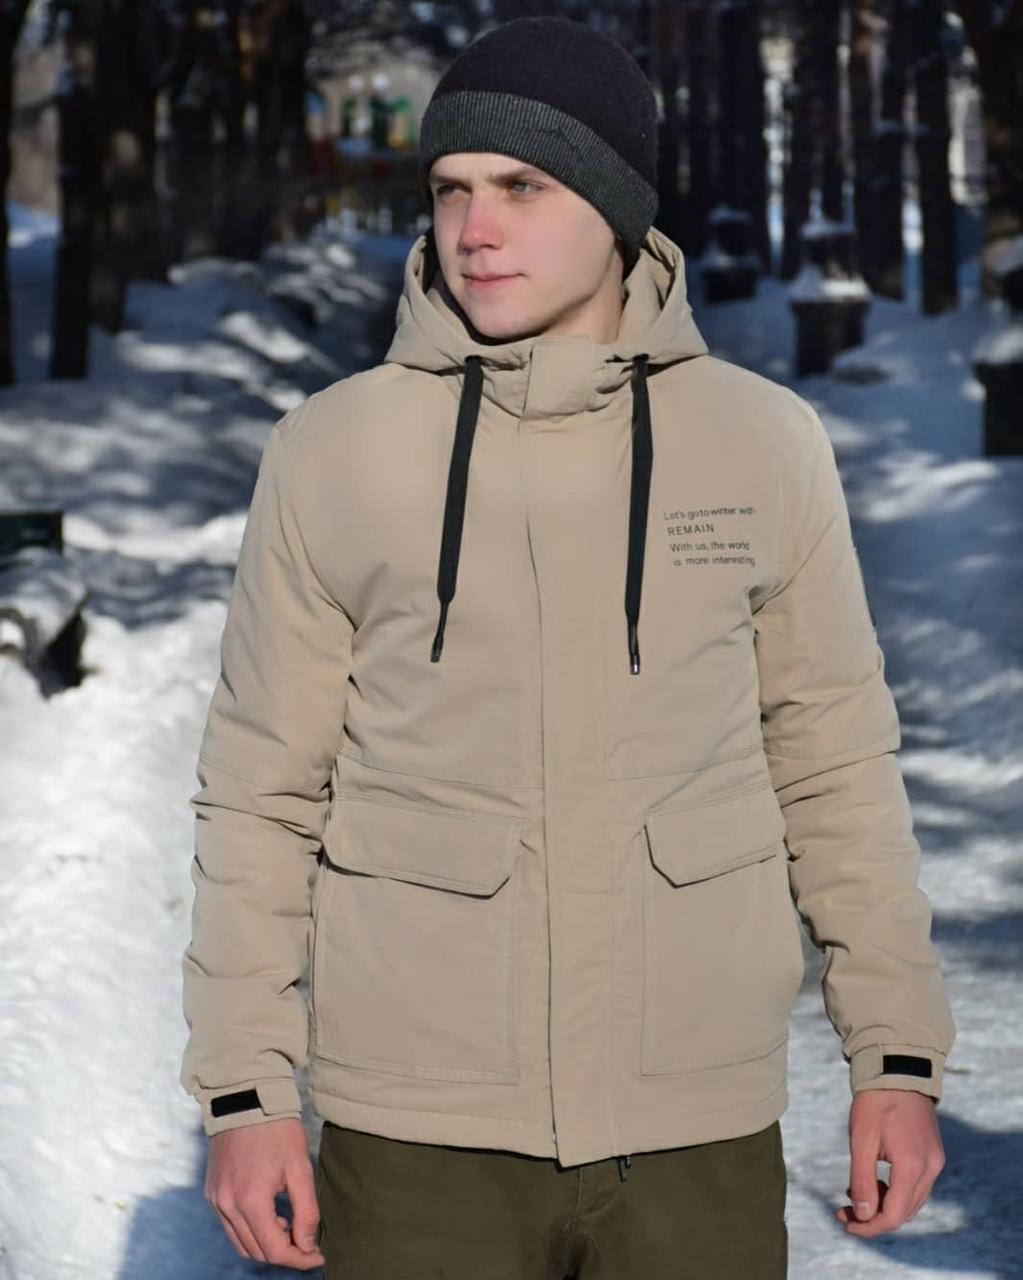 Весенняя куртка REMAIN - фото 1